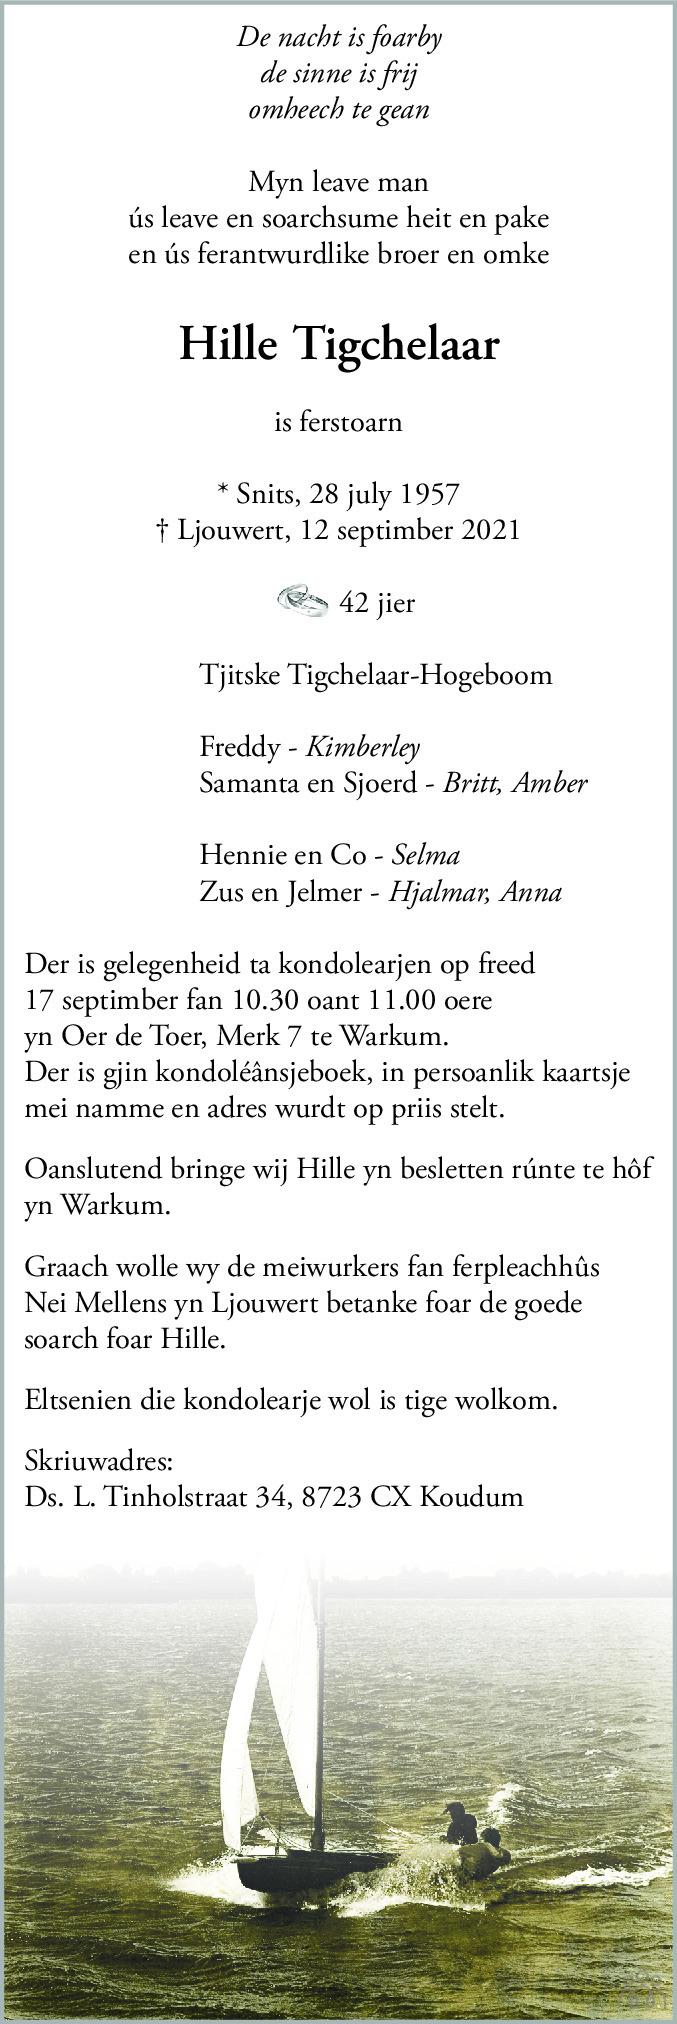 Overlijdensbericht van Hille Tigchelaar in Leeuwarder Courant